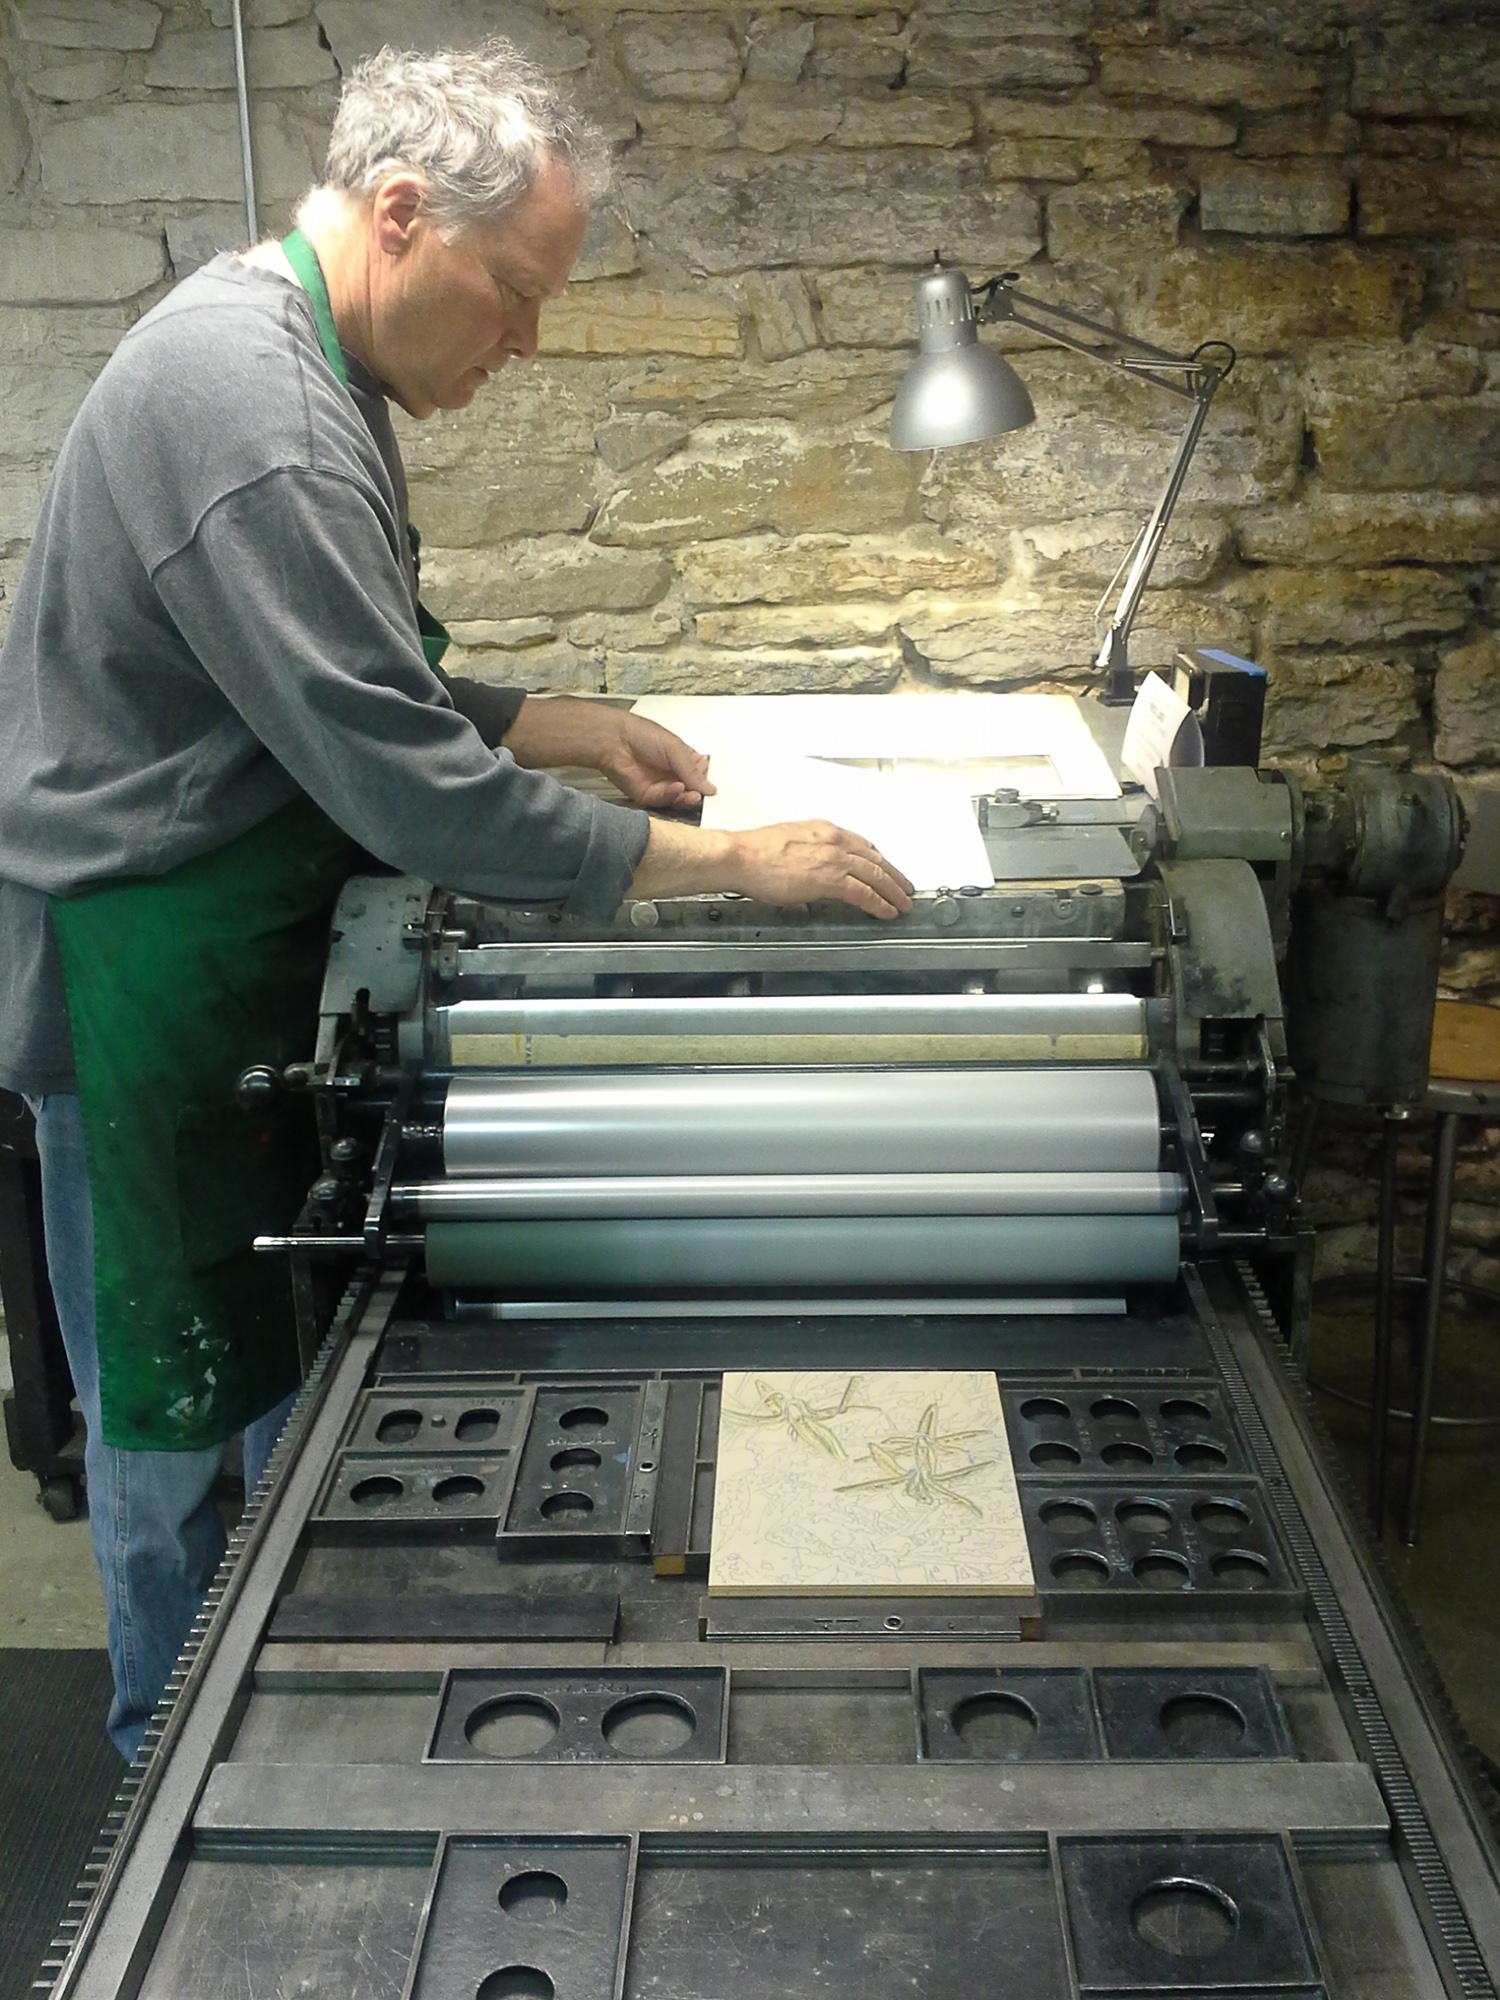 MCBA where I print